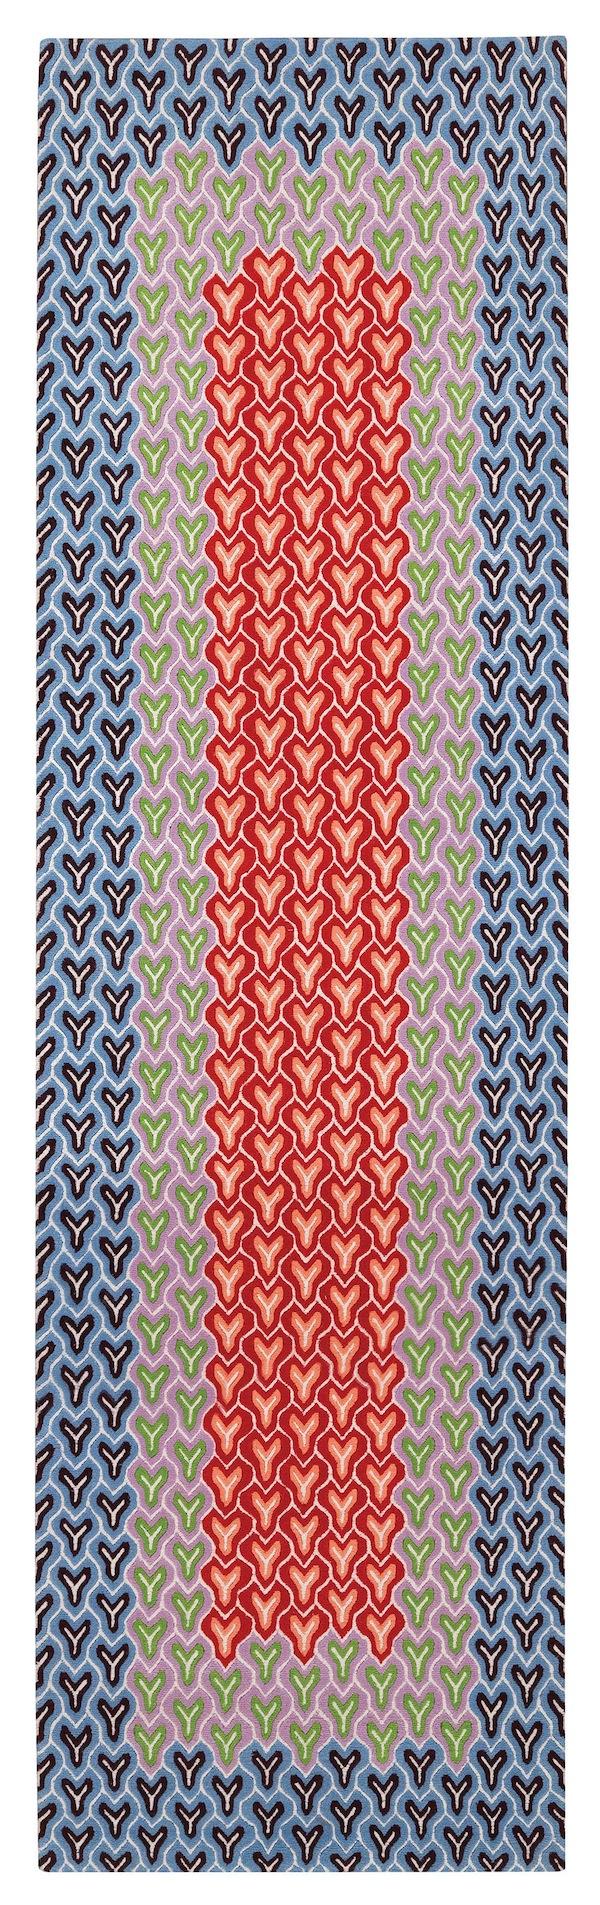 rug 1 jonathan saunders Jonathan Saunders rug collection rug 1 1